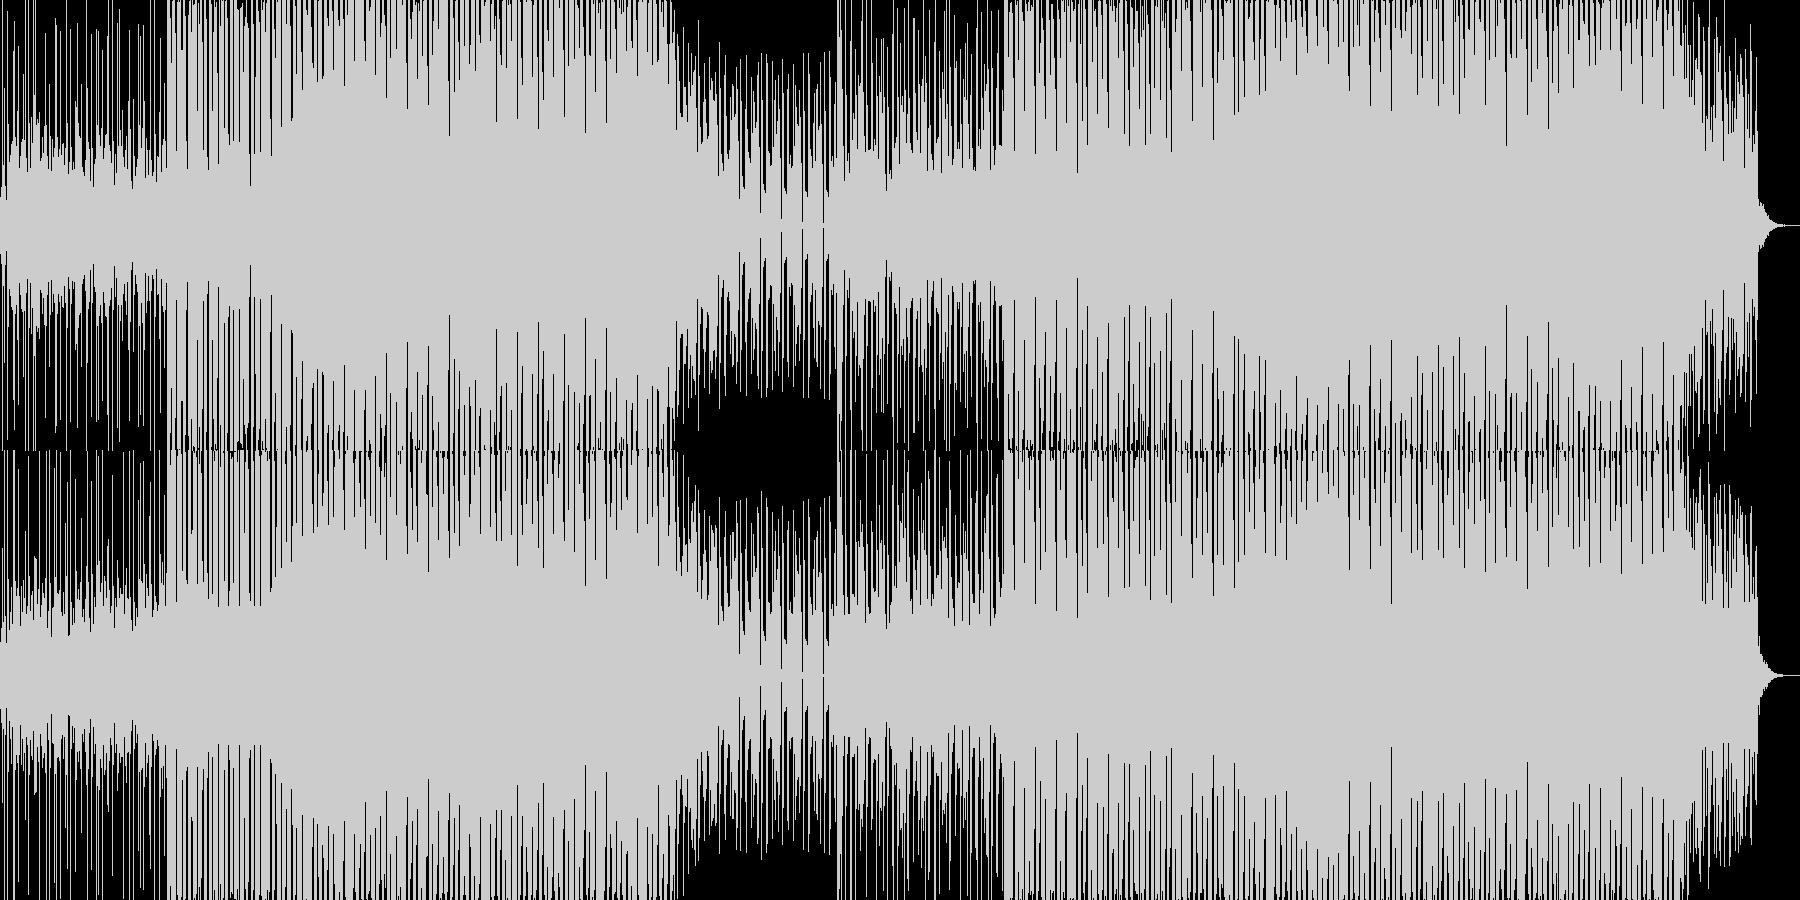 EDMクラブ系ダンスミュージック-84の未再生の波形